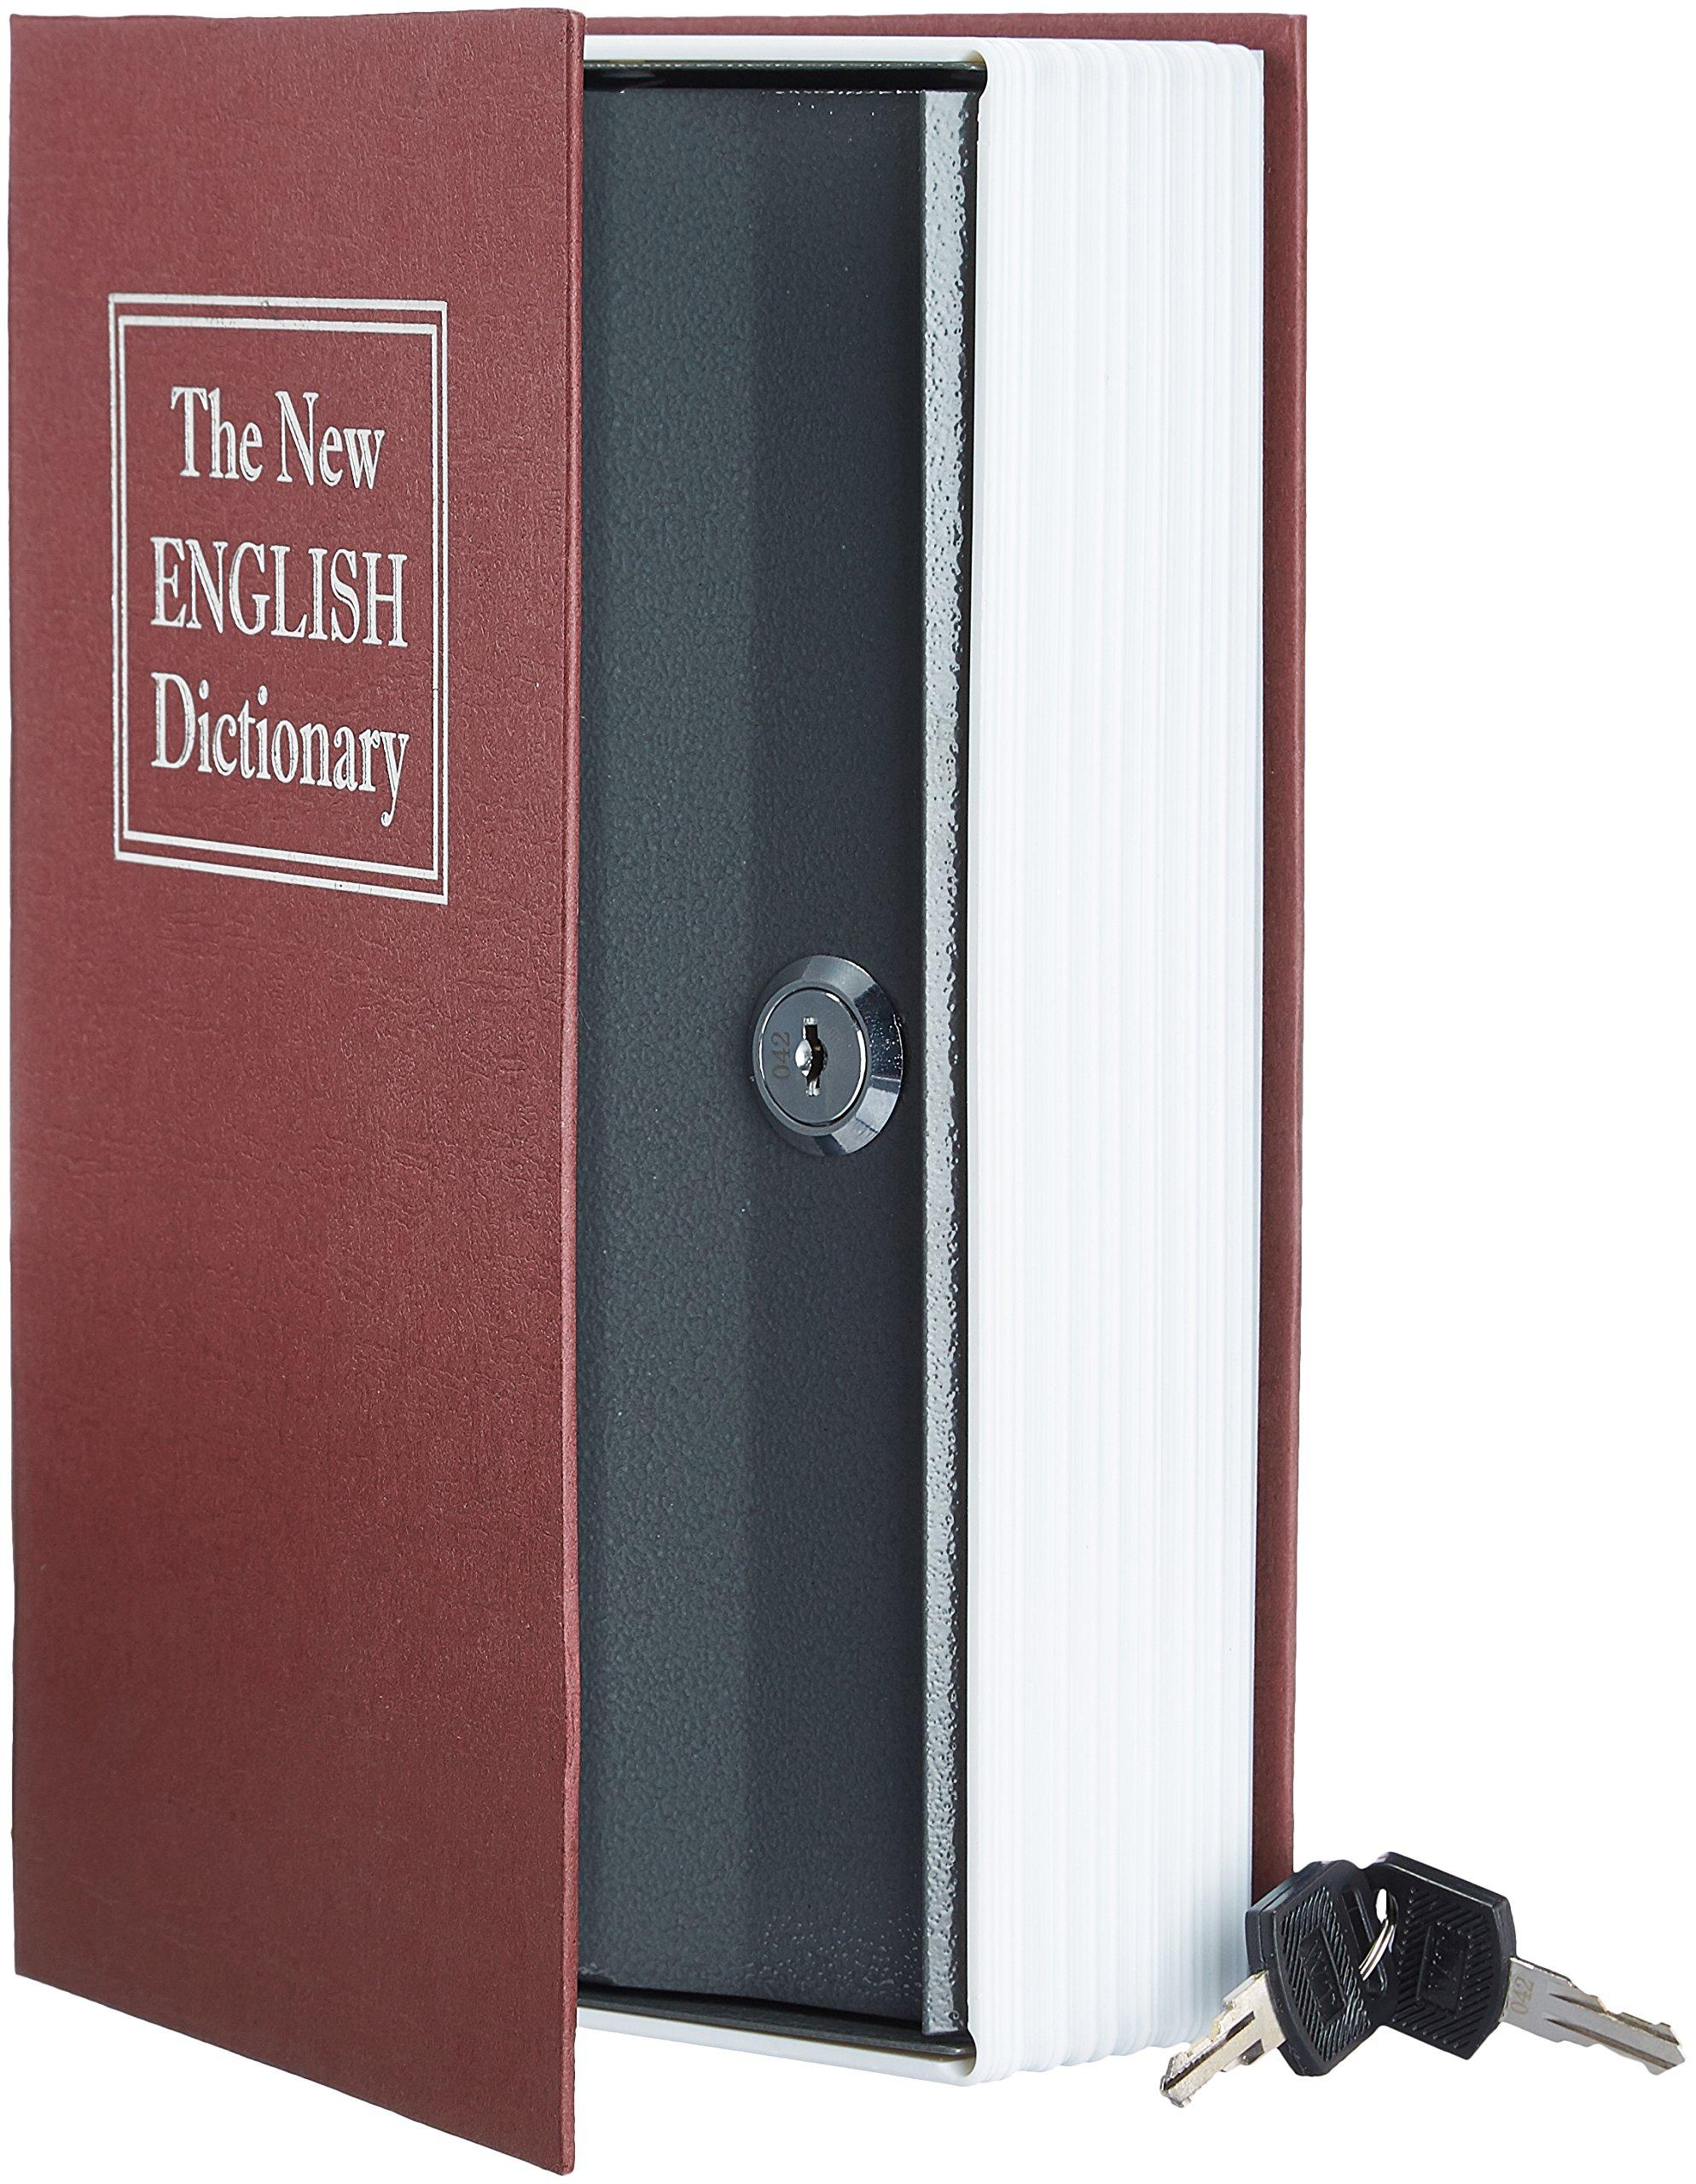 AmazonBasics - Caja de seguridad en forma de libro - Cerradura con llave - Rojo product